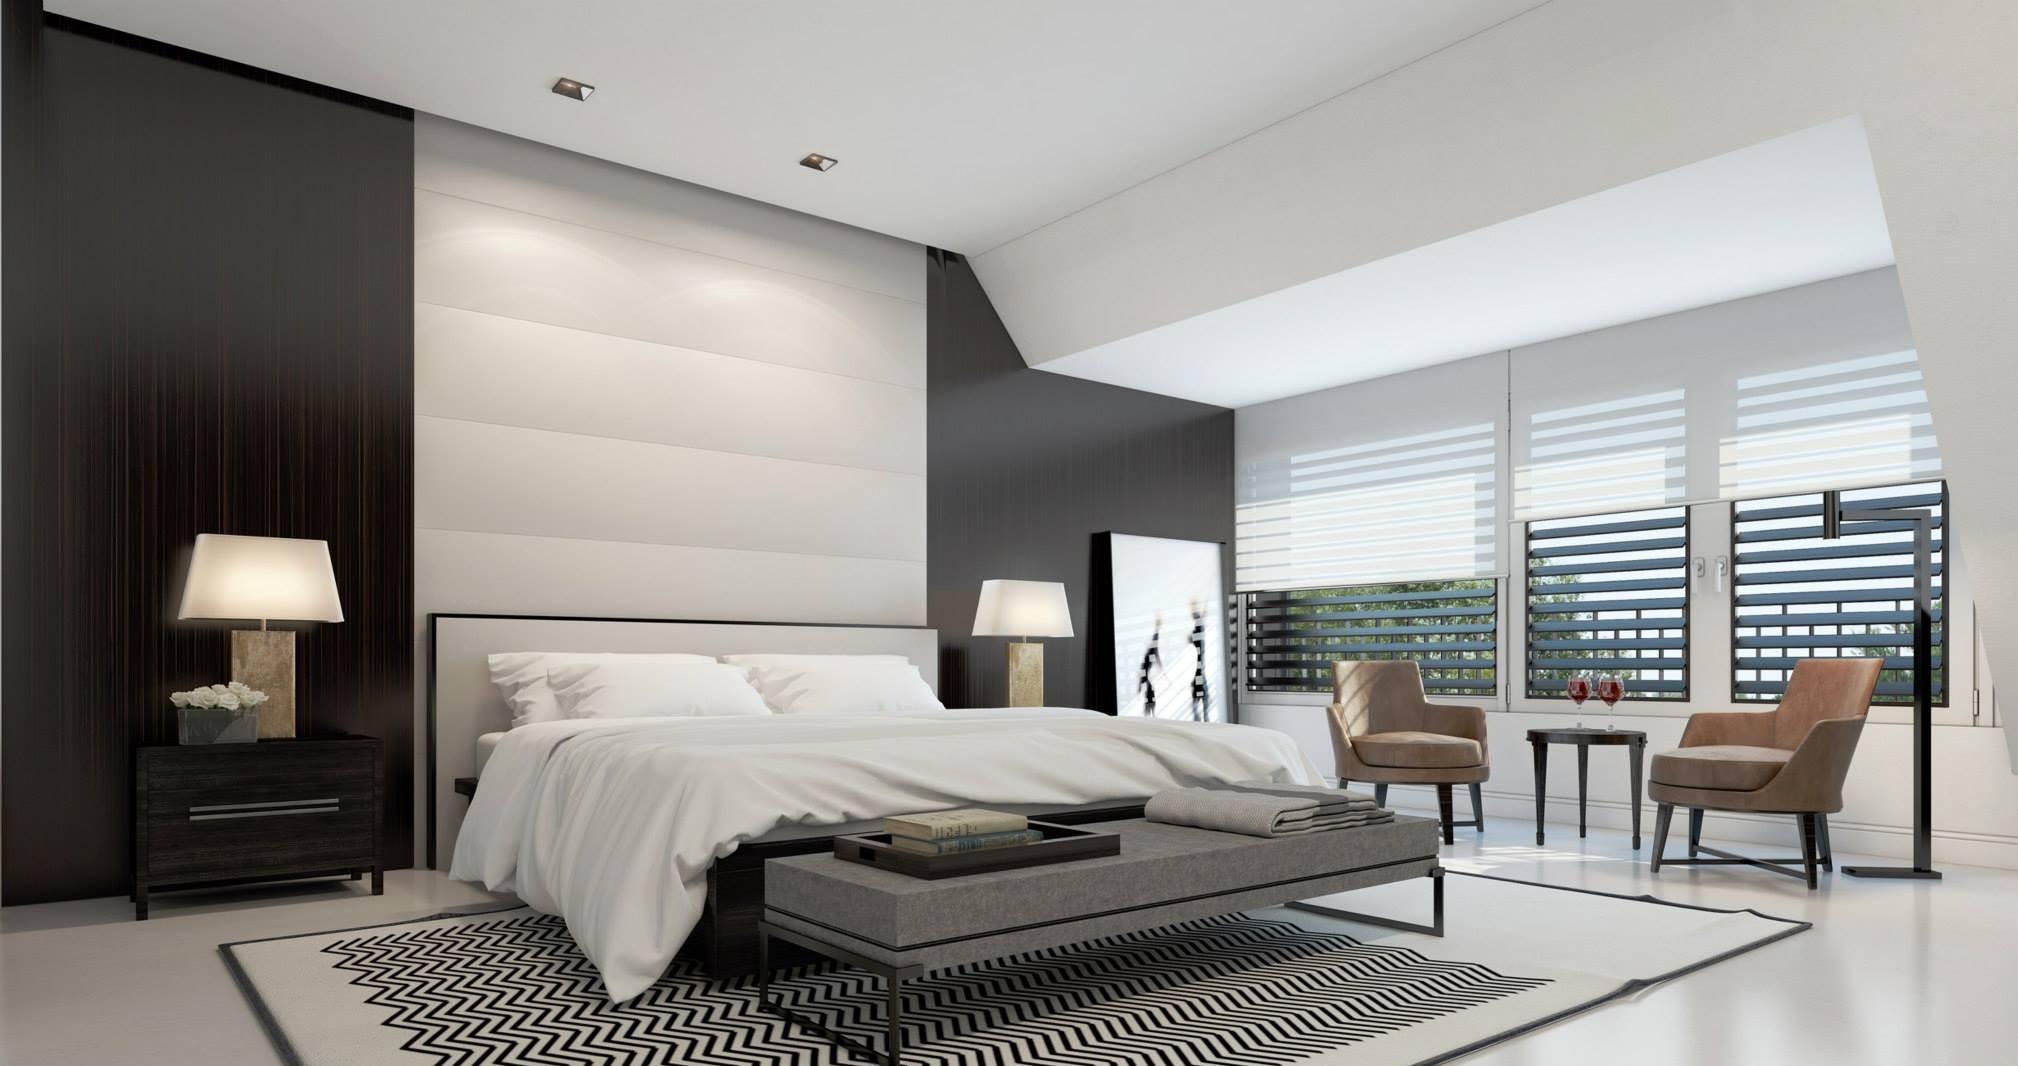 спальня в стиле хай тек дизайн